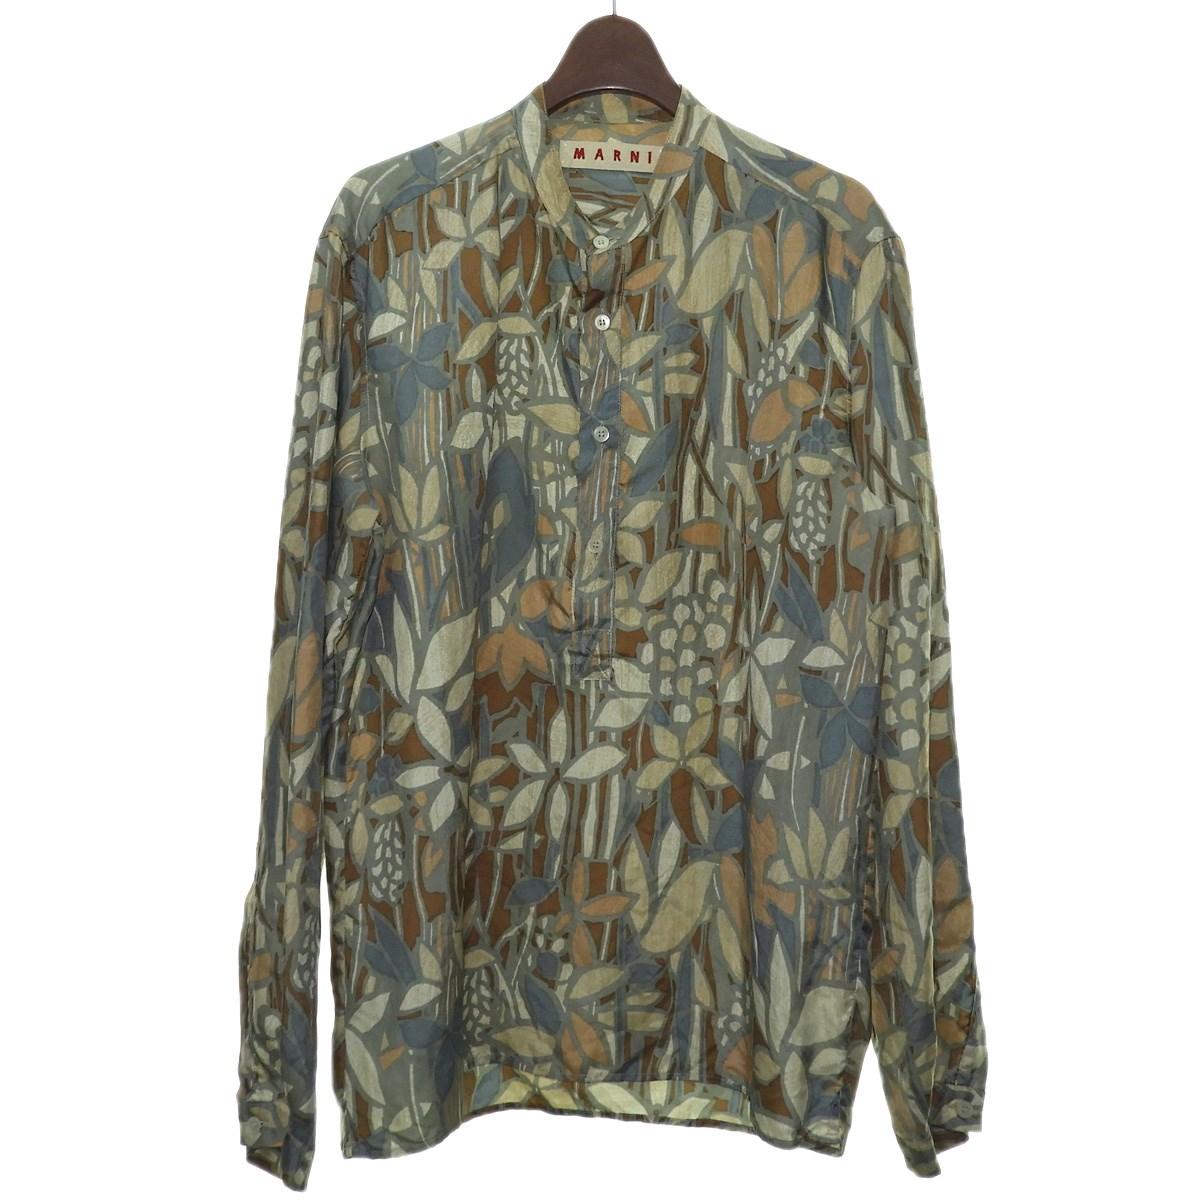 マルニ 正規激安 中古 MARNIプルオーバーシルクシャツ 7月16日見直し サイズ:44 グリーン×ベージュ メーカー直売